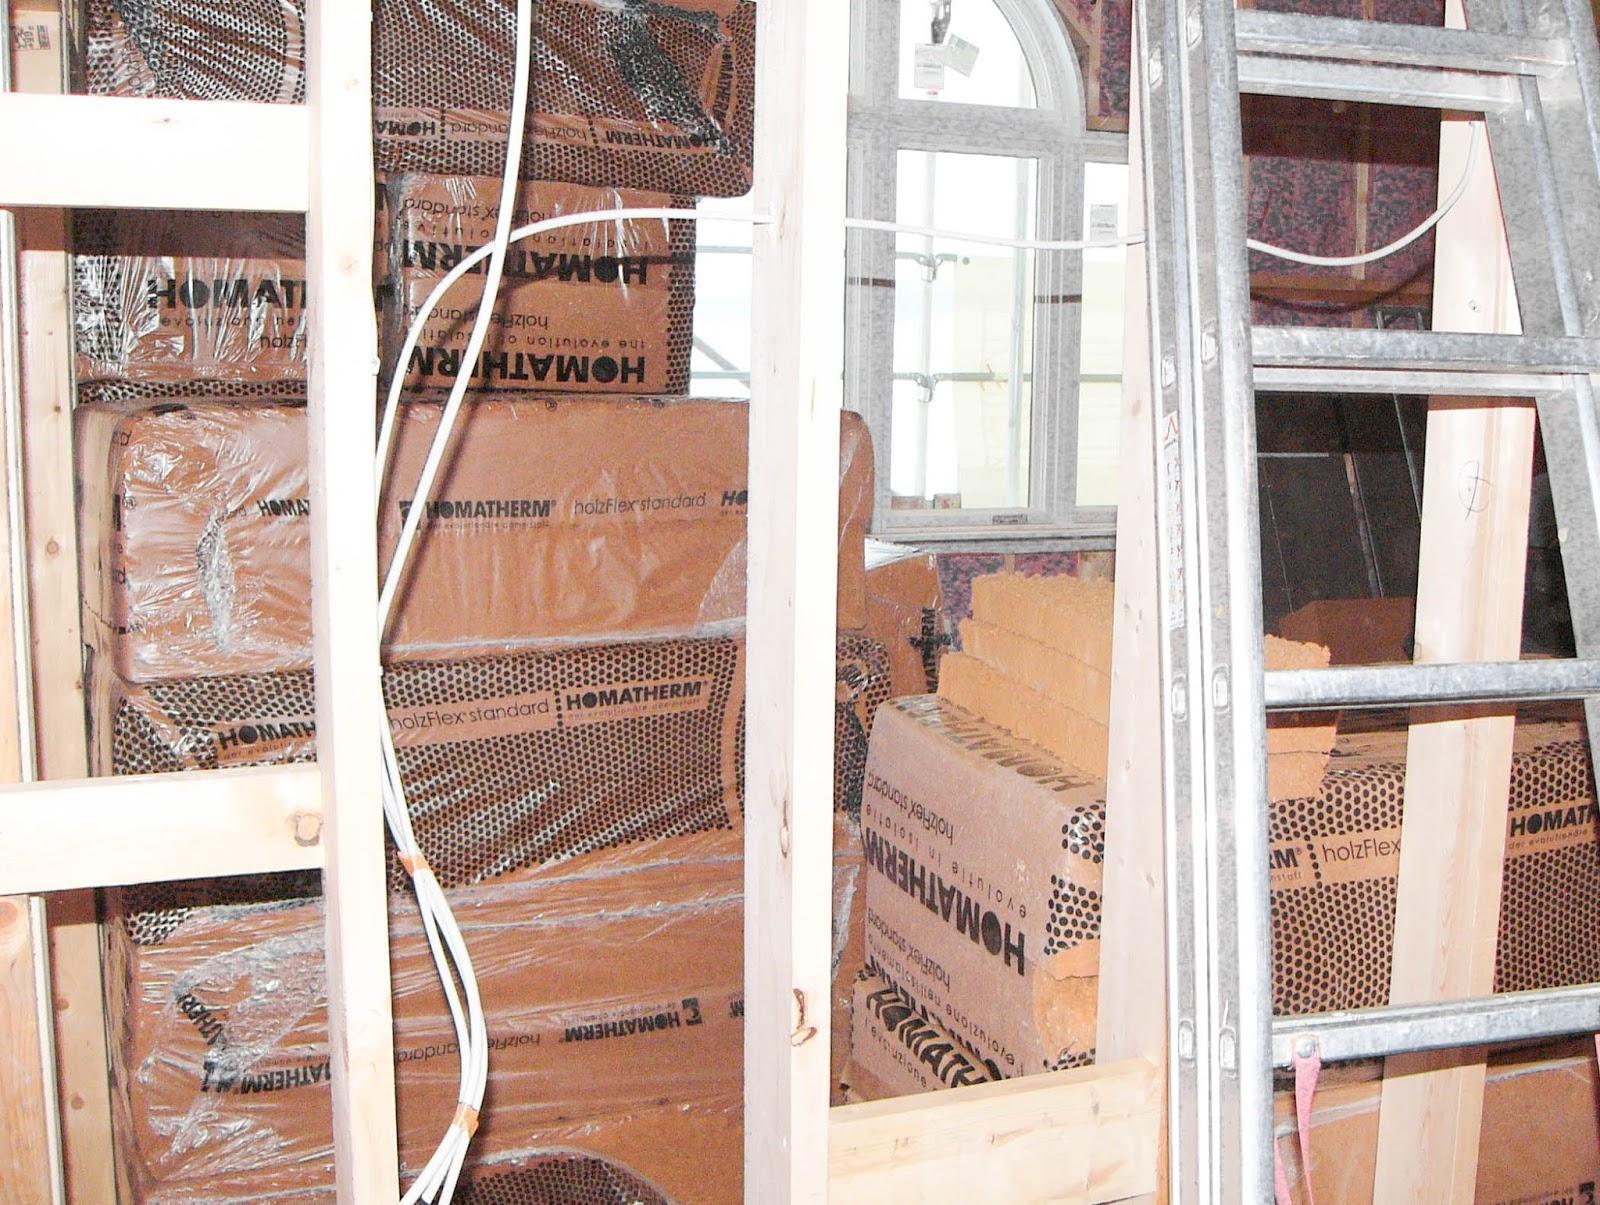 Ökologische und energieeffiziente Dämmung von HOMATHERM. Holzfaserdämmplatten, die natürliche Alternative zur Energieeinsparung. Renovierung und Neubau